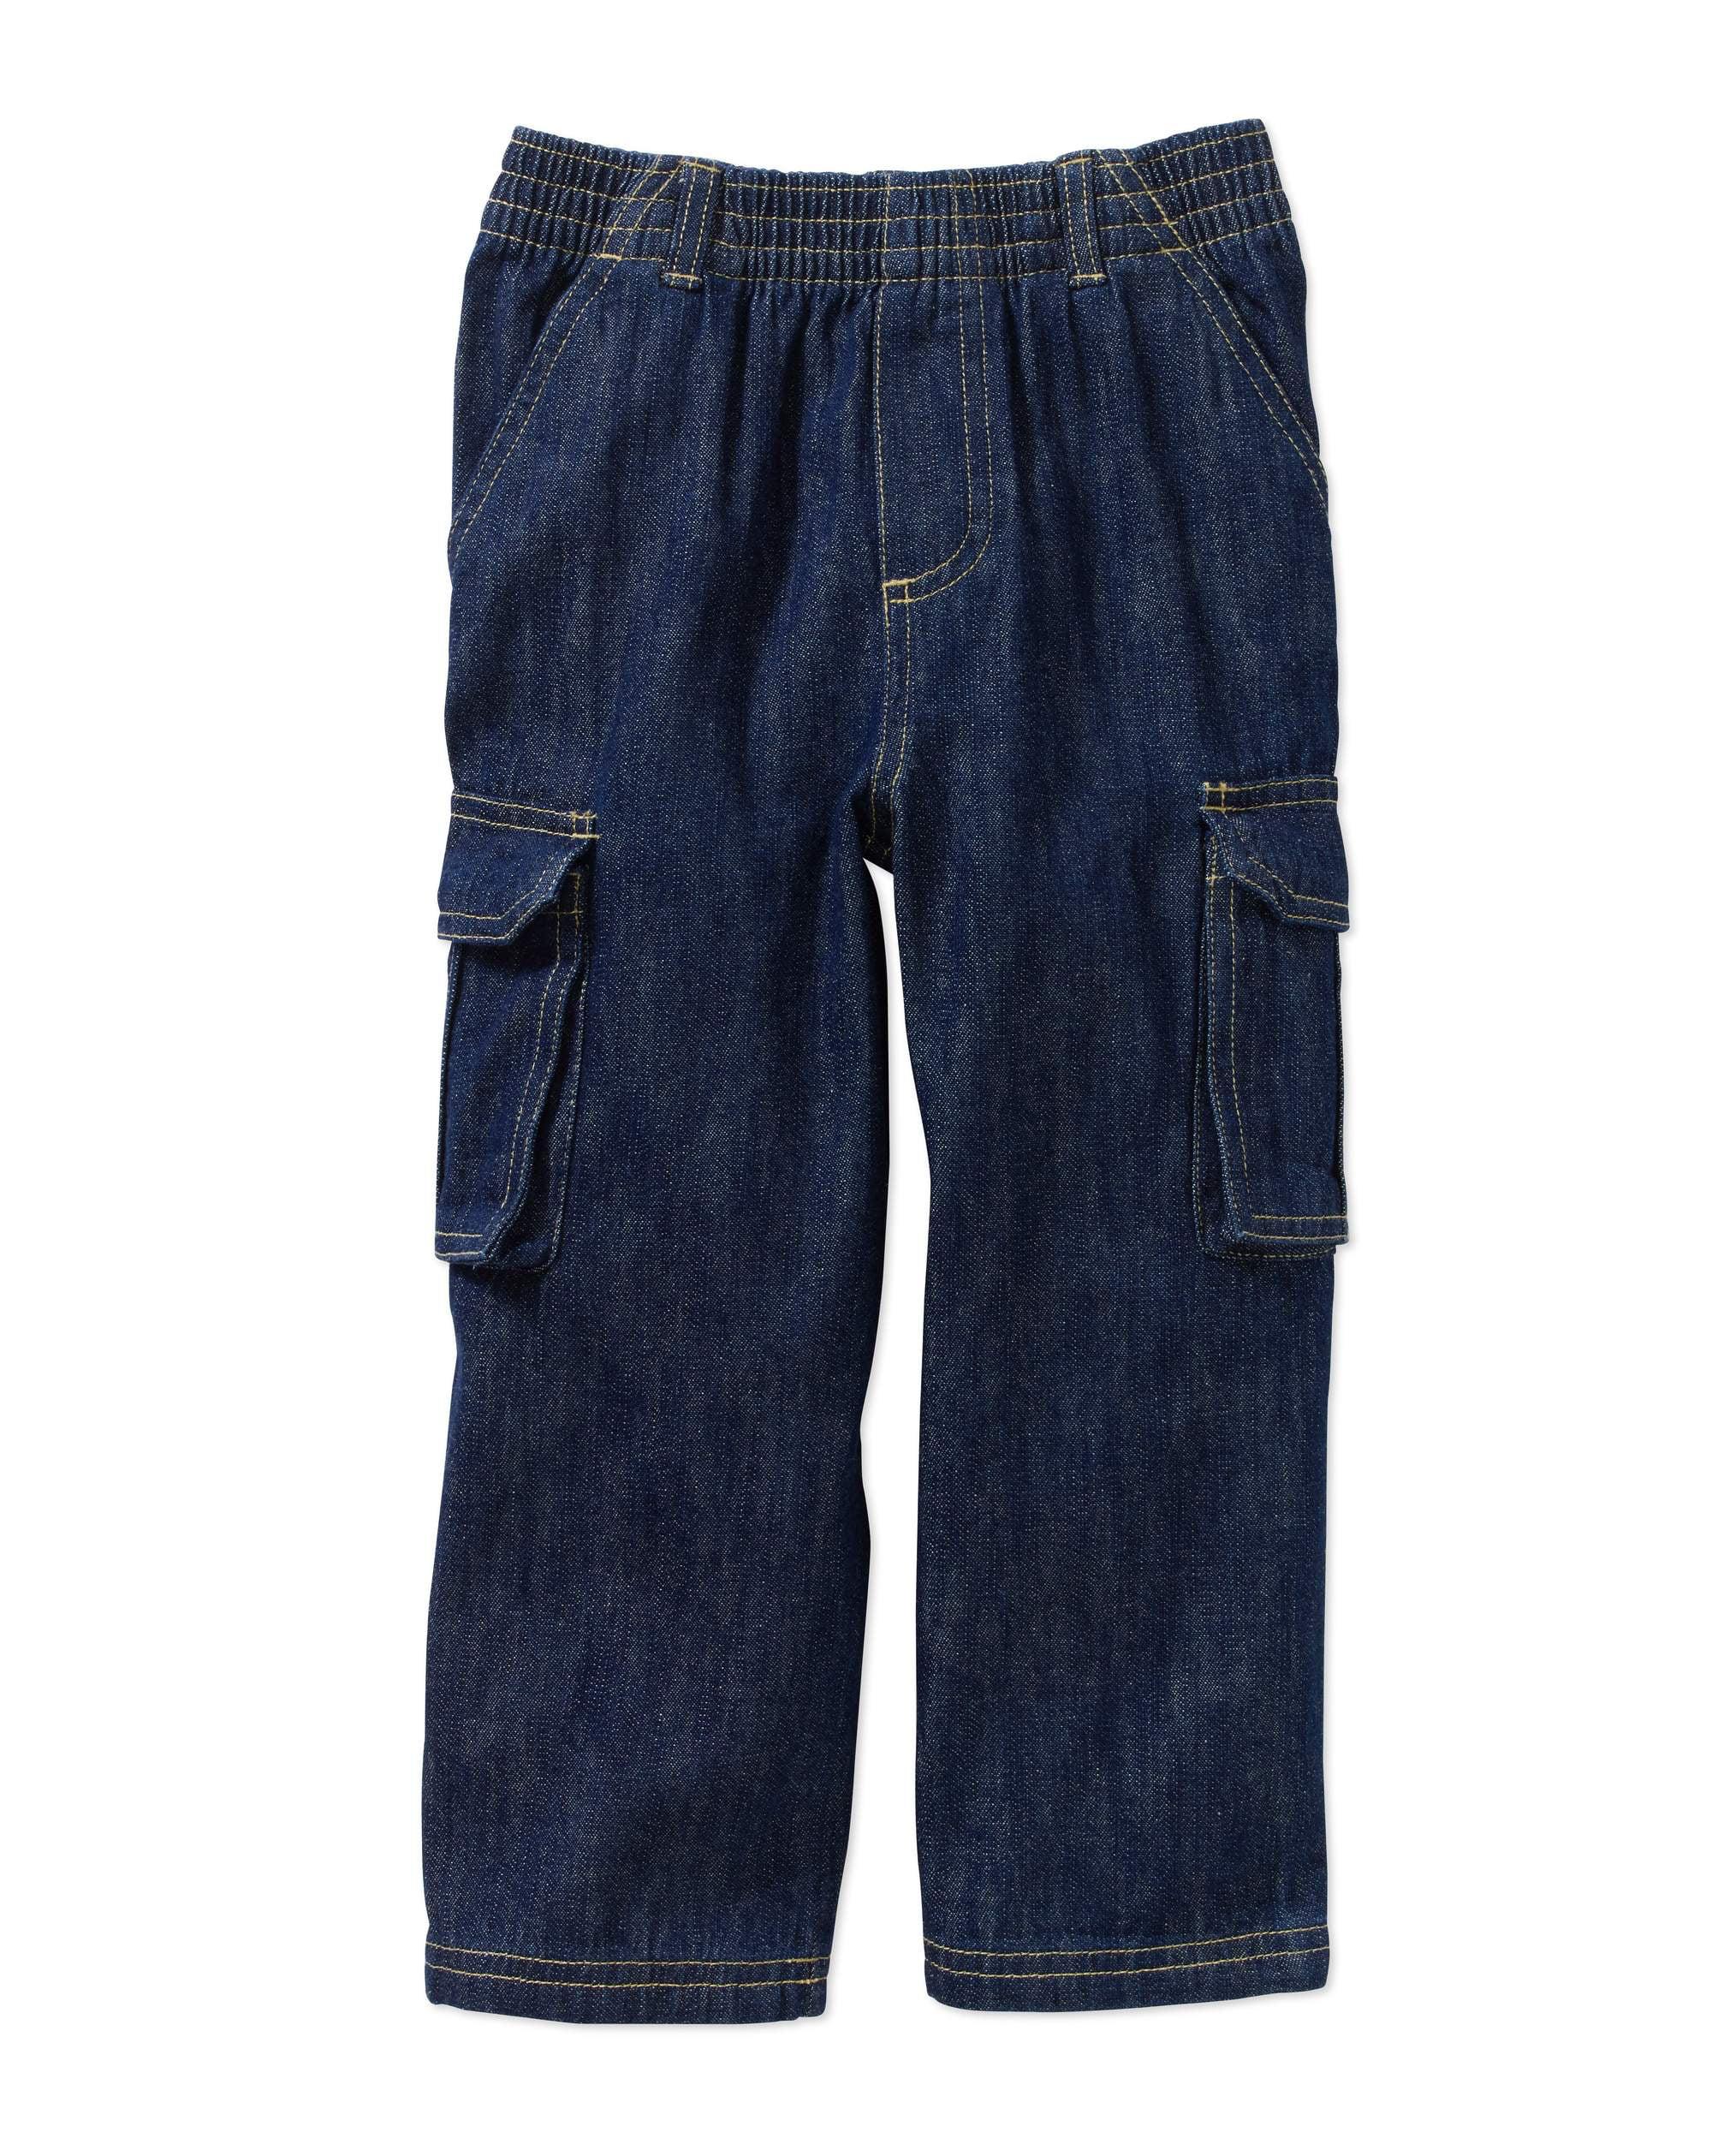 Baby Toddler Boy Denim Cargo Pants